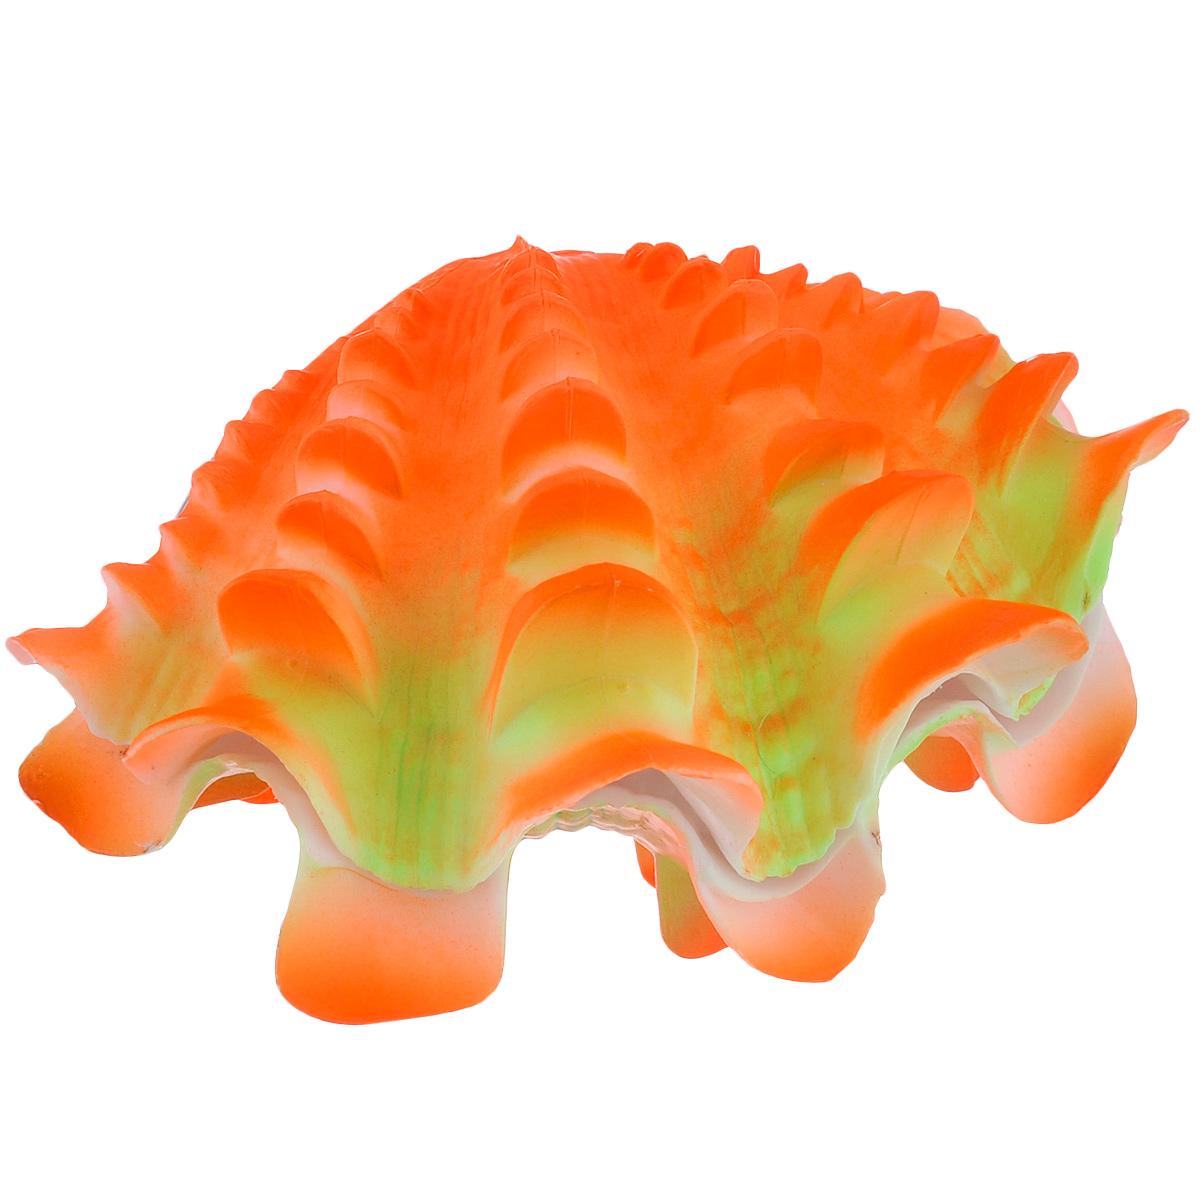 Распылитель декоративный Penn-Plax Жемчужница, цвет: ярко-оранжевый051Декоративный распылитель Penn-Plax Жемчужница выполнен из высококачественного прочного пластика. Вместе с основной функцией распыления воздуха, изделие является эффектным элементом декорирования аквариума.